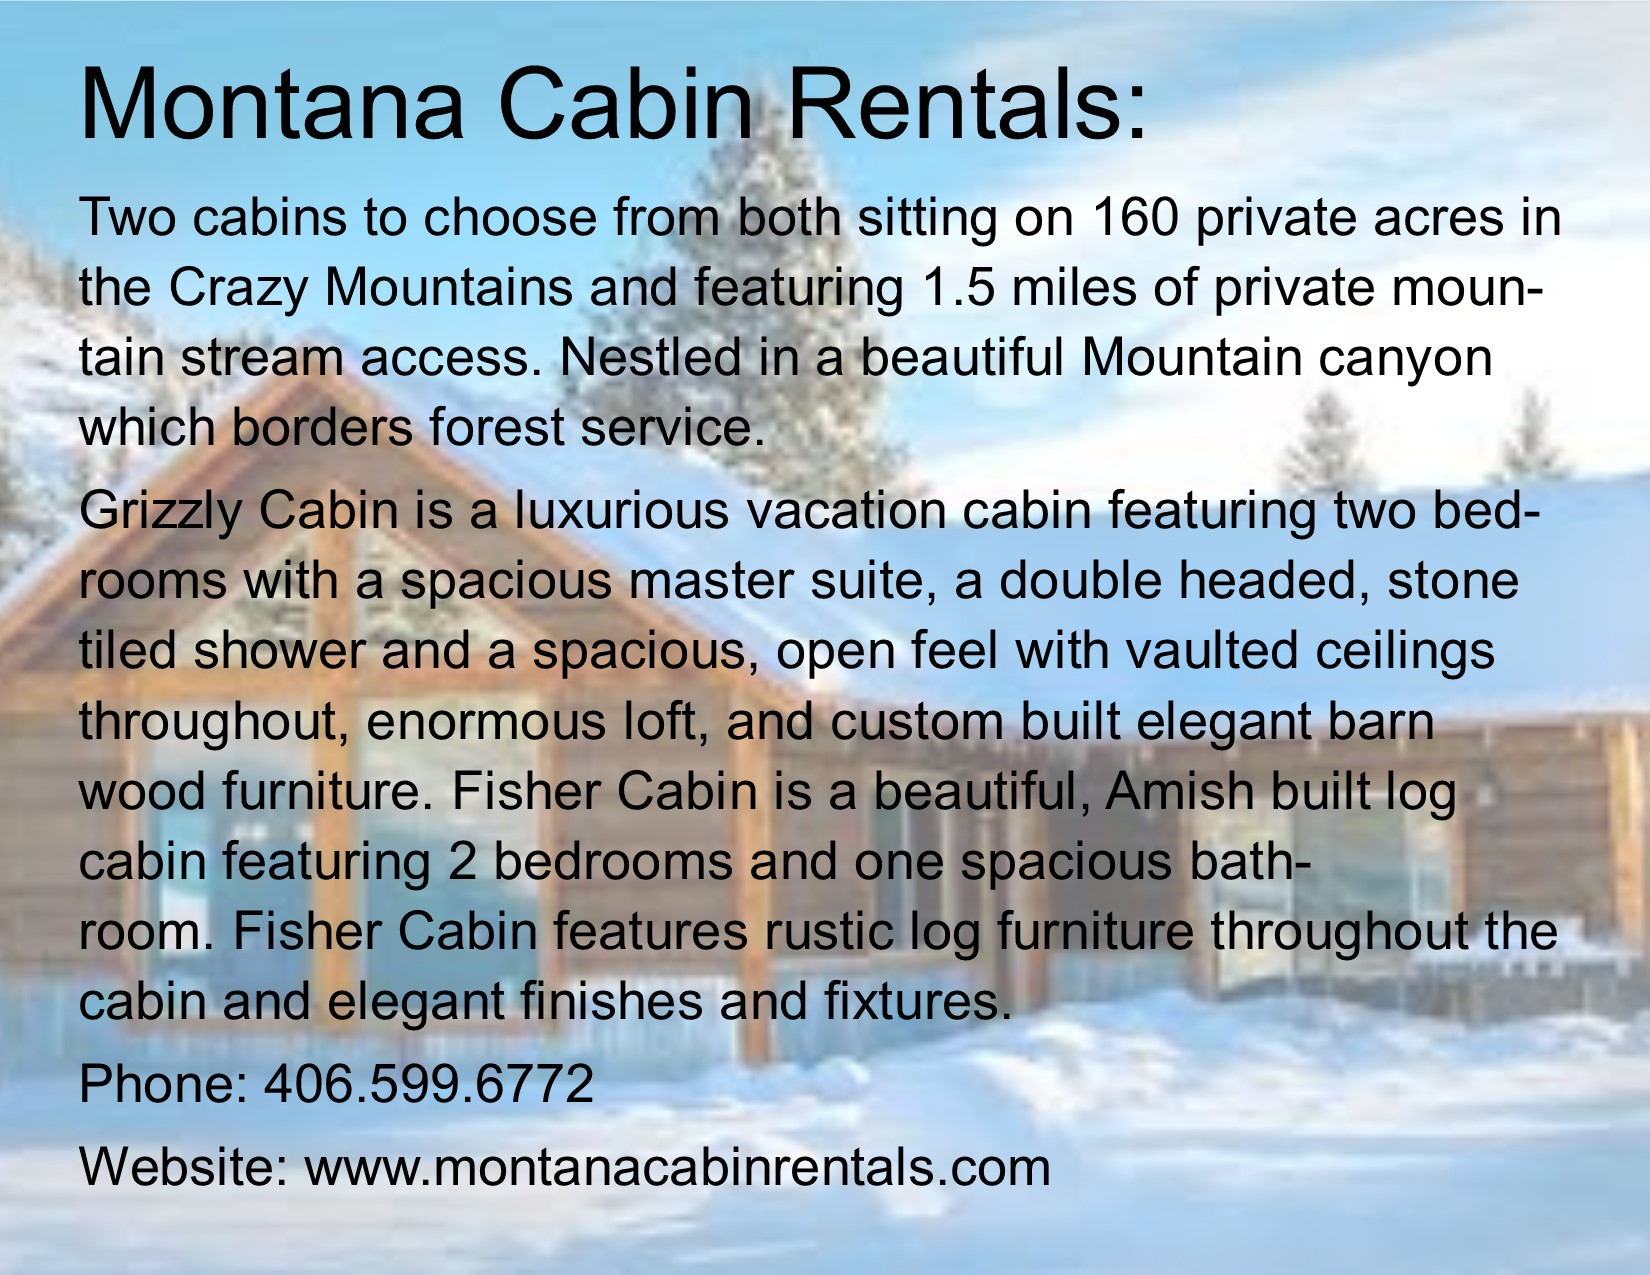 Montana-Cabin-Rentals.jpg